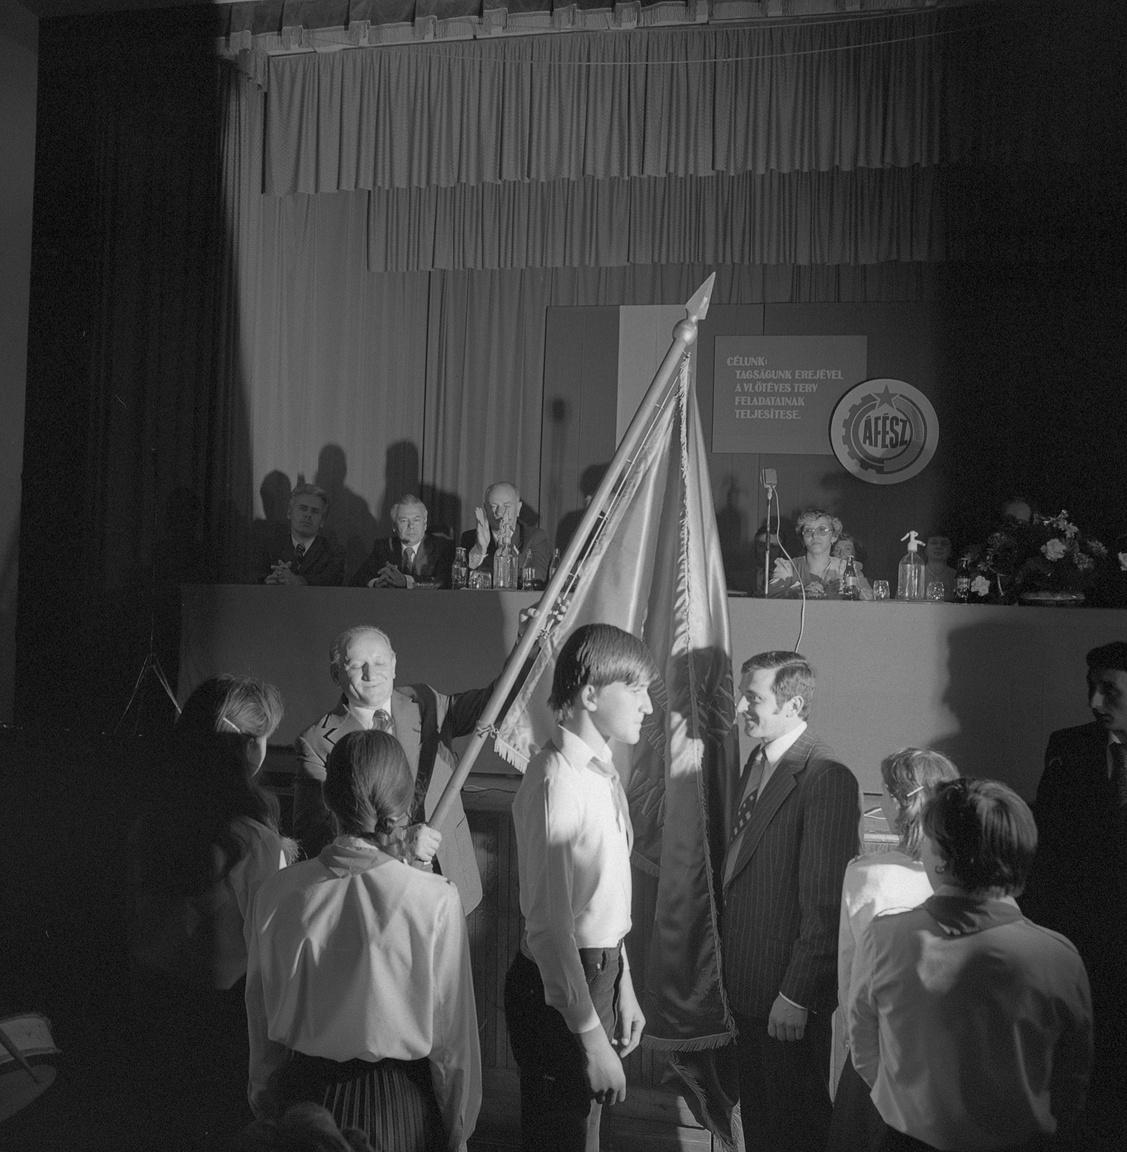 """Szövetkezeti zászlóátadás az ÁFÉSZ-ünnepségen Üllésen 1981 tavaszán. Üllés a megye egyik legszegényebb települése volt, mielőtt 1965-ben olajat találtak a határában. Ennek és a nem túl jó földeken is sikeres TSZ-nek köszönhetően építettek művházat, hidroglóbuszt, benzinkutat, és még a szomszédos Forráskutat is hozzájuk csatolták - a forráskútiak nem túl nagy örömére. A """"Csongrád megyei modell"""" jelszavával a keménykezű párttitkár Komócsin fel akarta számolni a tanyavilágot, de ez nem sikerült neki, csak a tanyaközpontok belterületét falusiasították szabályos, sakktáblaszerű utcahálózattal - mint Üllésen is."""